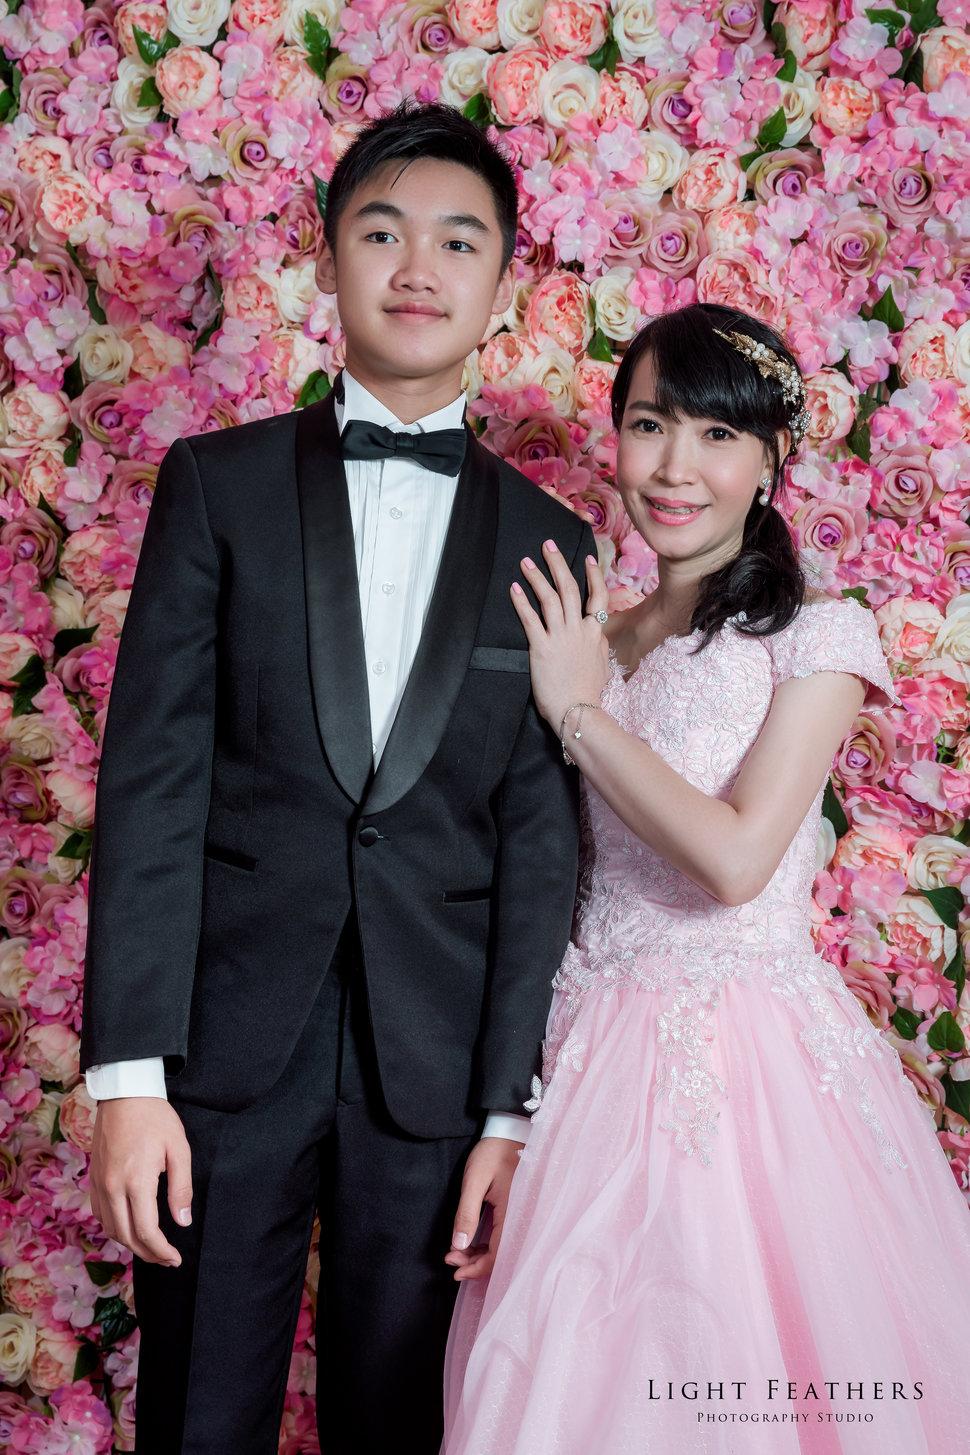 P01_0469 - Promaker婚禮紀錄攝影團隊婚攝豪哥《結婚吧》